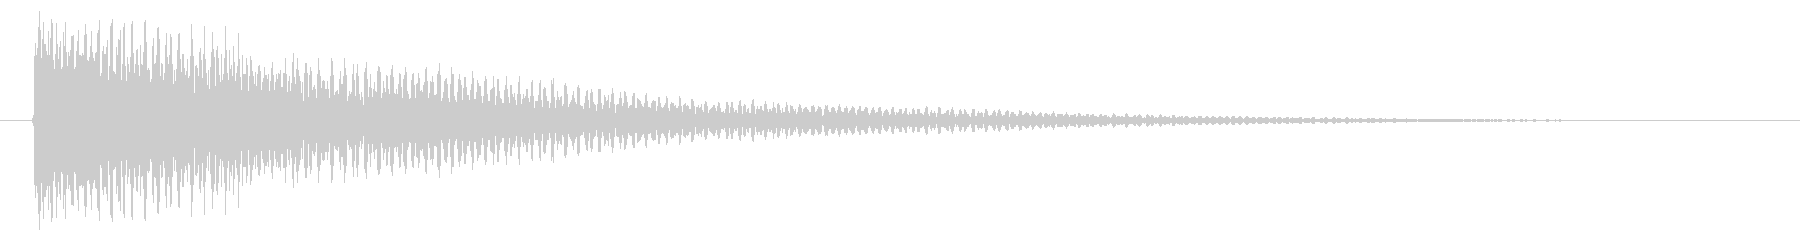 ティーンの未再生の波形